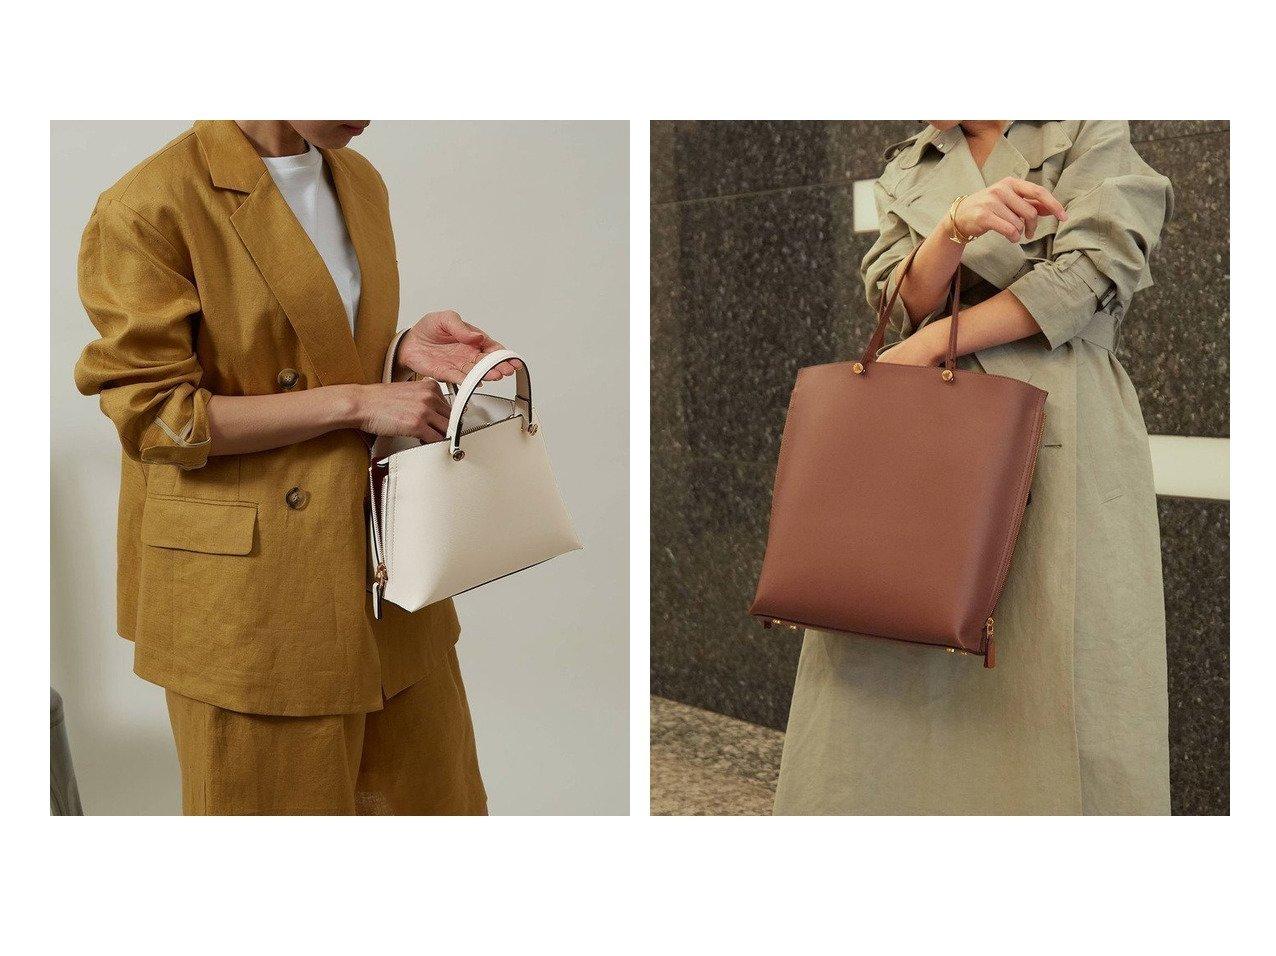 【ROPE'/ロペ】の【E POR】【一部WEB限定】Y bag Mini(サイドジップミニショルダーバッグ)&【E POR】【一部WEB限定】【A4対応】Y bag Large(サイドジップ縦型トートバッグ) ロペのおすすめ!人気、トレンド・レディースファッションの通販 おすすめで人気の流行・トレンド、ファッションの通販商品 メンズファッション・キッズファッション・インテリア・家具・レディースファッション・服の通販 founy(ファニー) https://founy.com/ ファッション Fashion レディースファッション WOMEN バッグ Bag イエロー オレンジ サイドジップ シンプル ハンドバッグ |ID:crp329100000020675